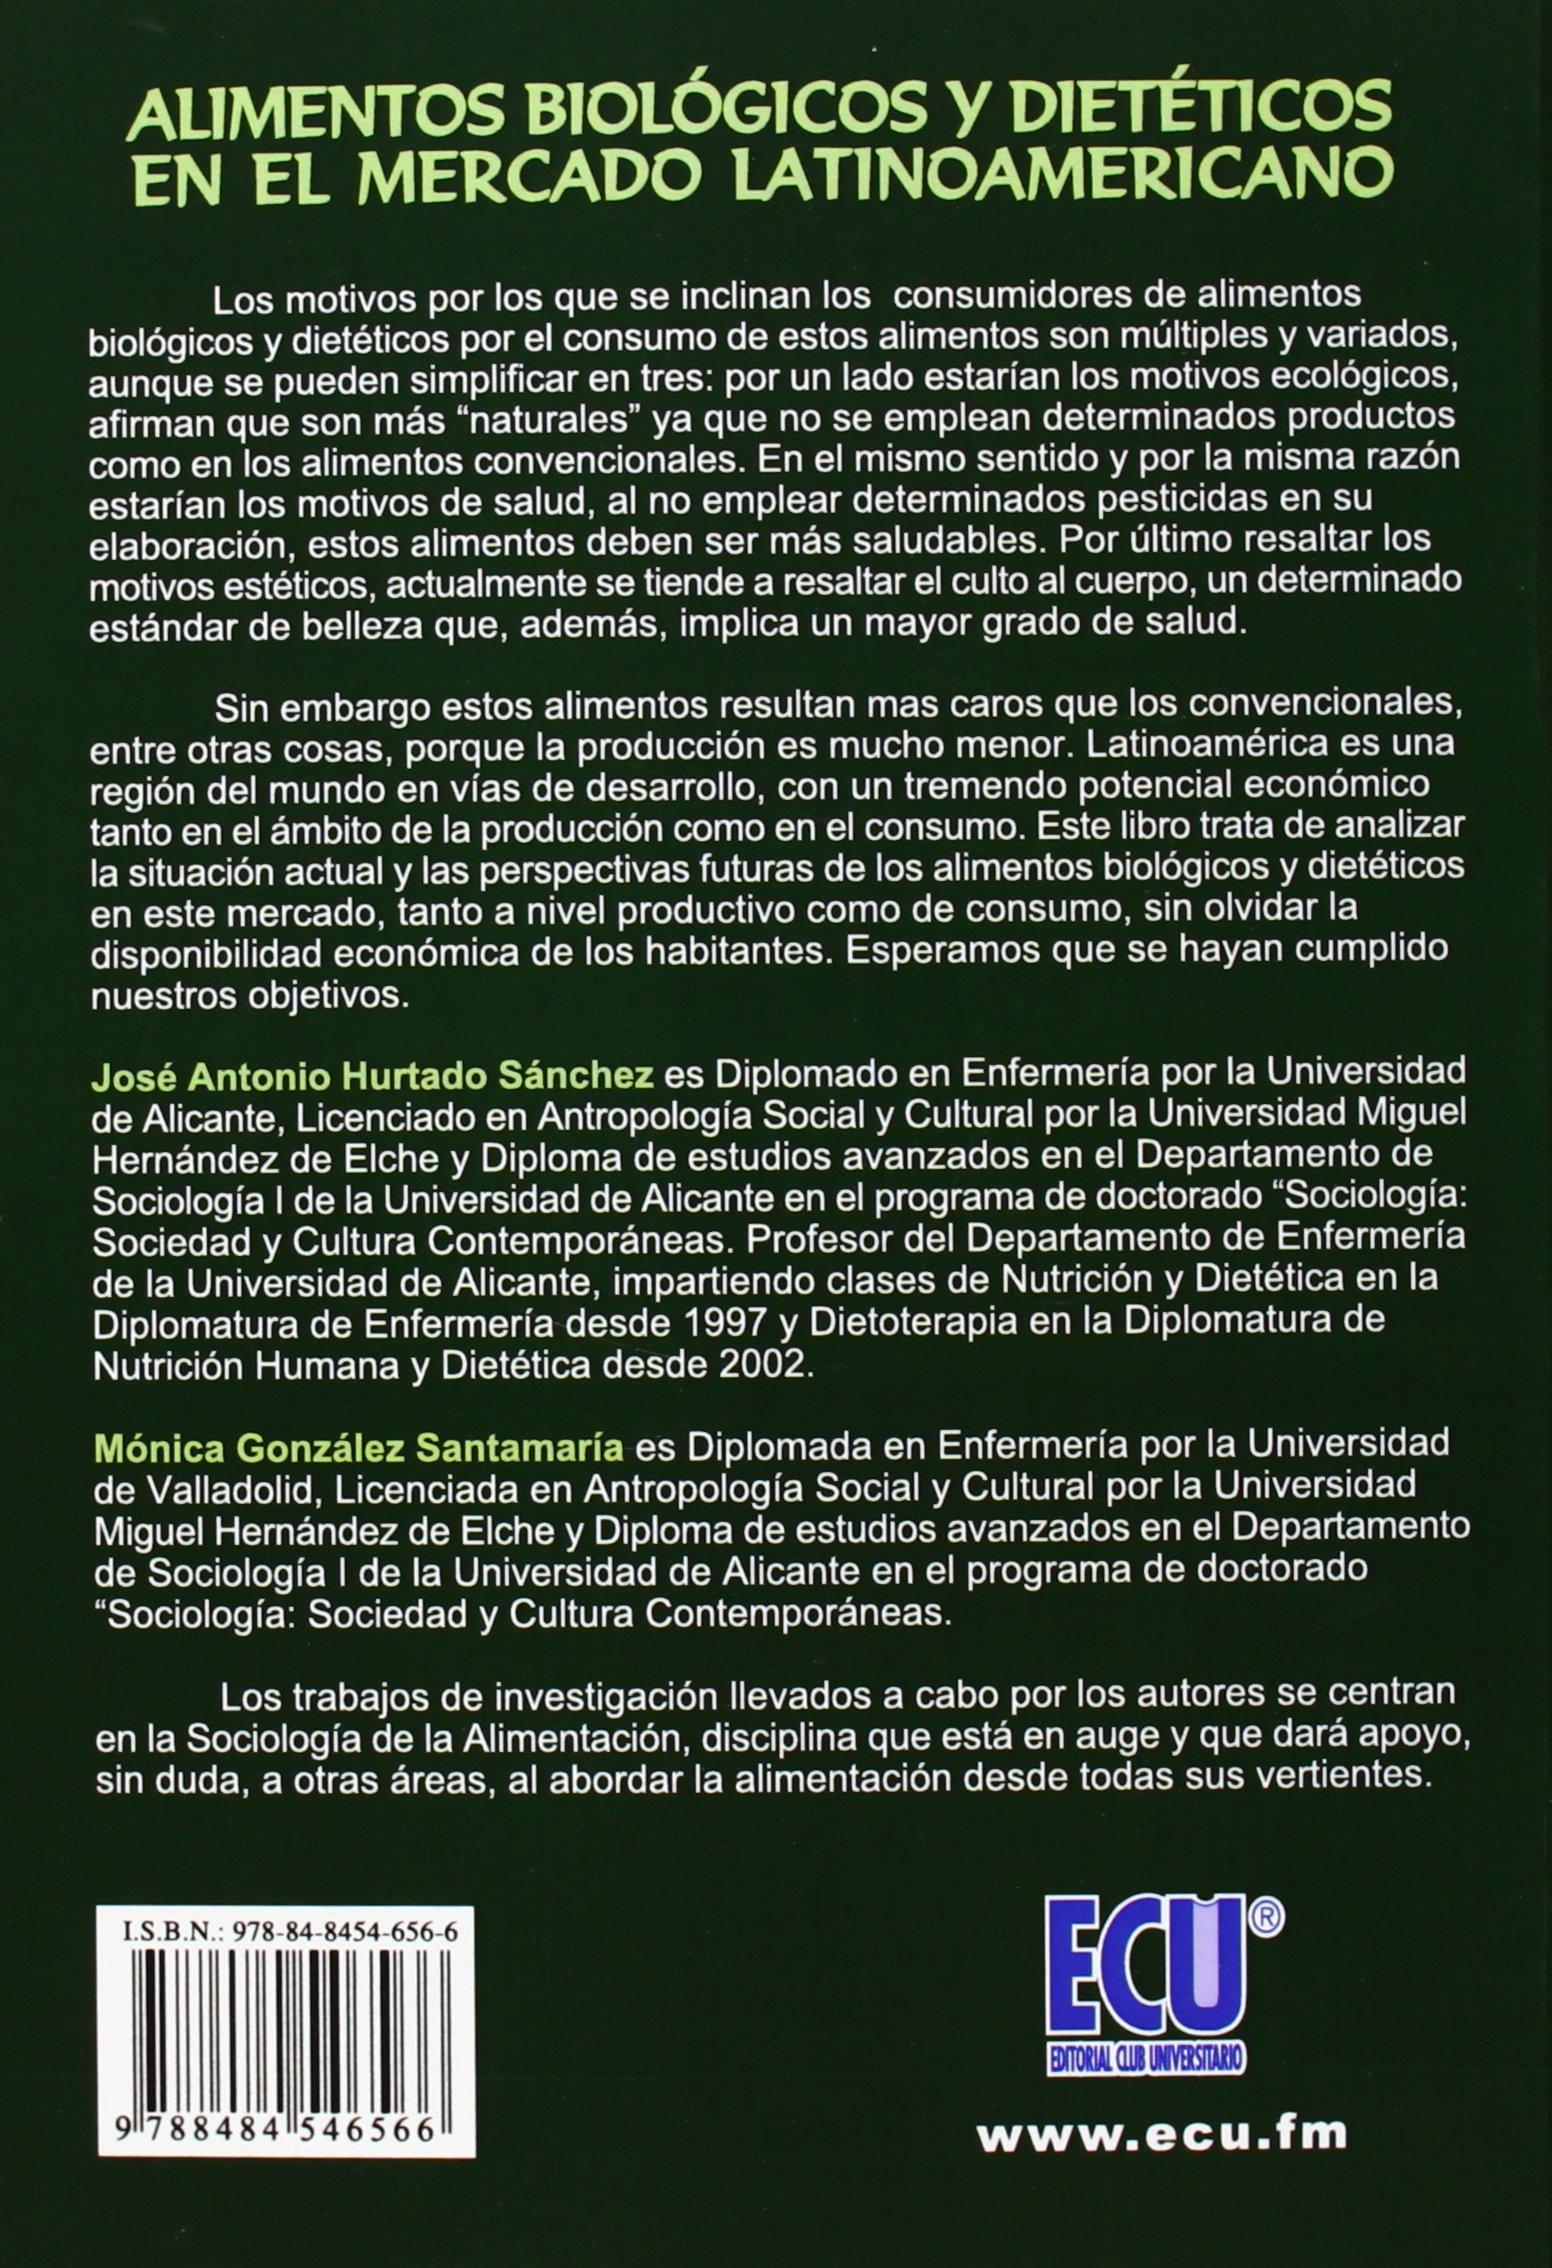 Alimentos Biológicos y Dietéticos en el mercado LatinoAmericano. Panorama actual y perspectivas futuras : José Antonio Hurtado Sánchez: 9788484546566: ...